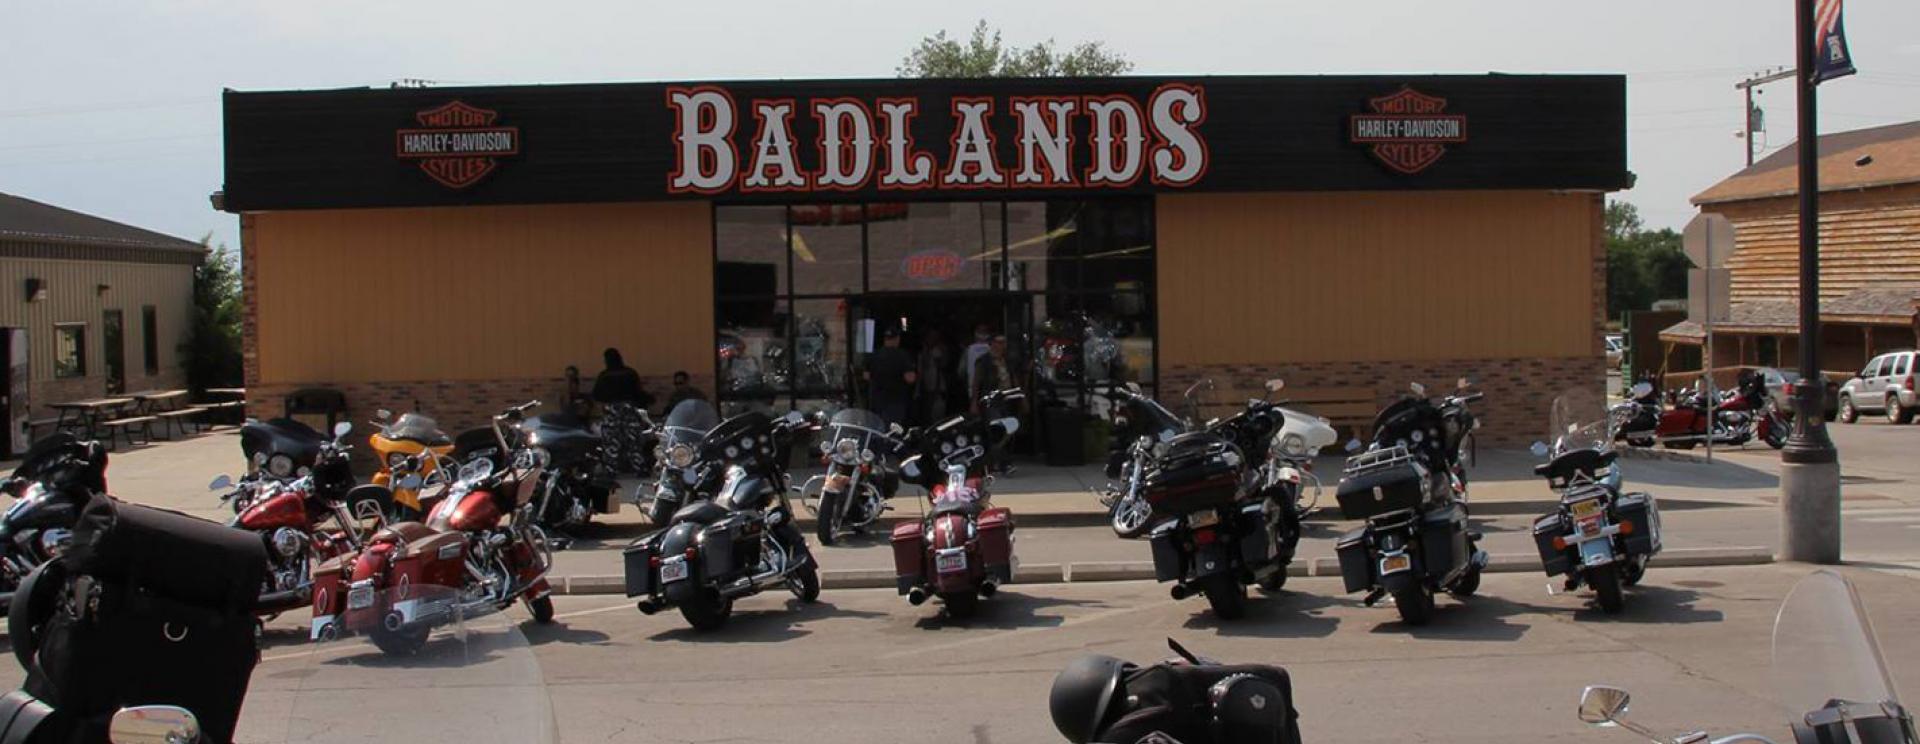 Badlands Harley-Davidson ®